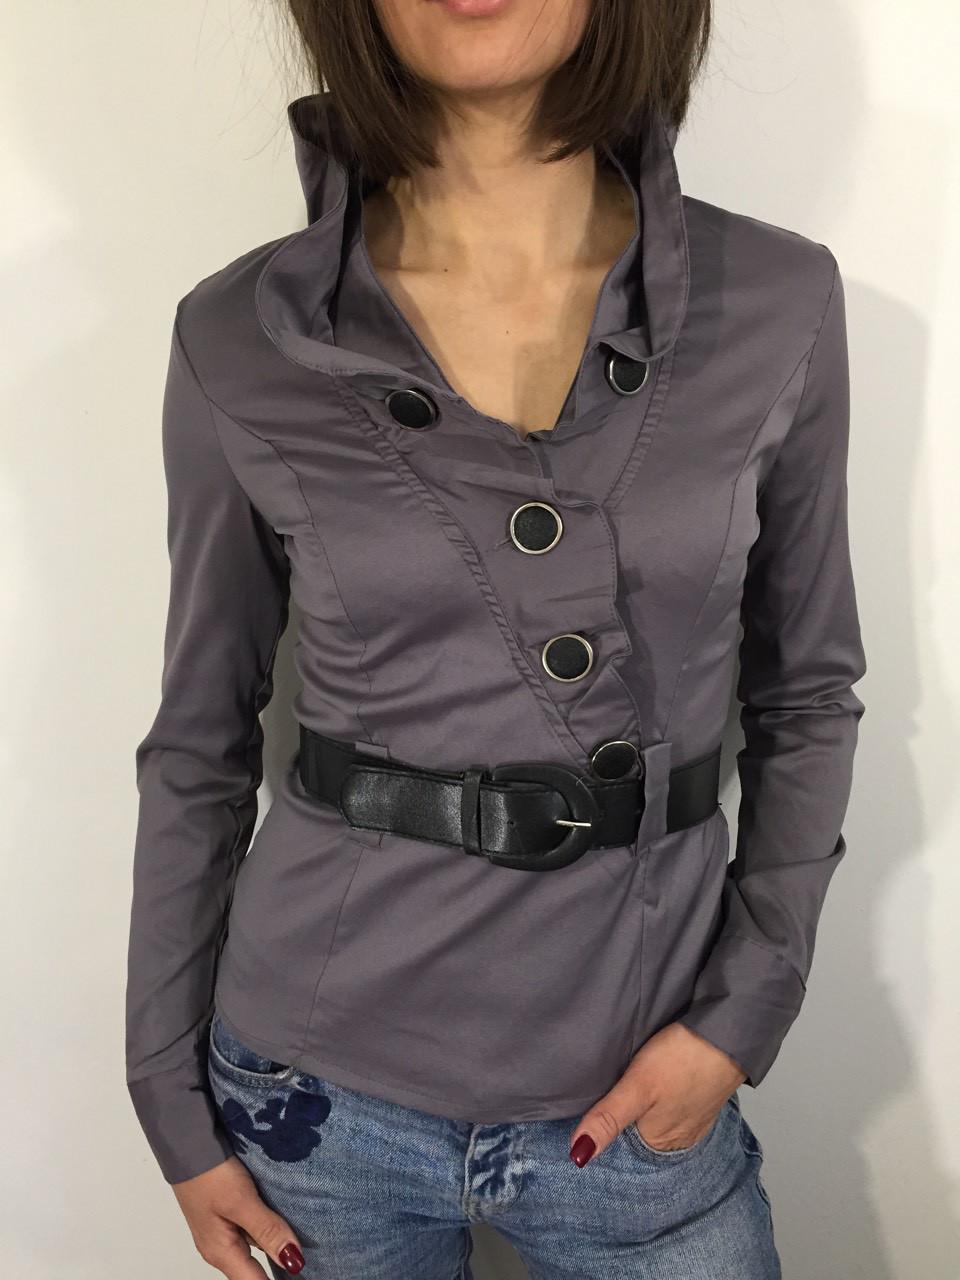 Рубашка женская 2683 серая XXXL